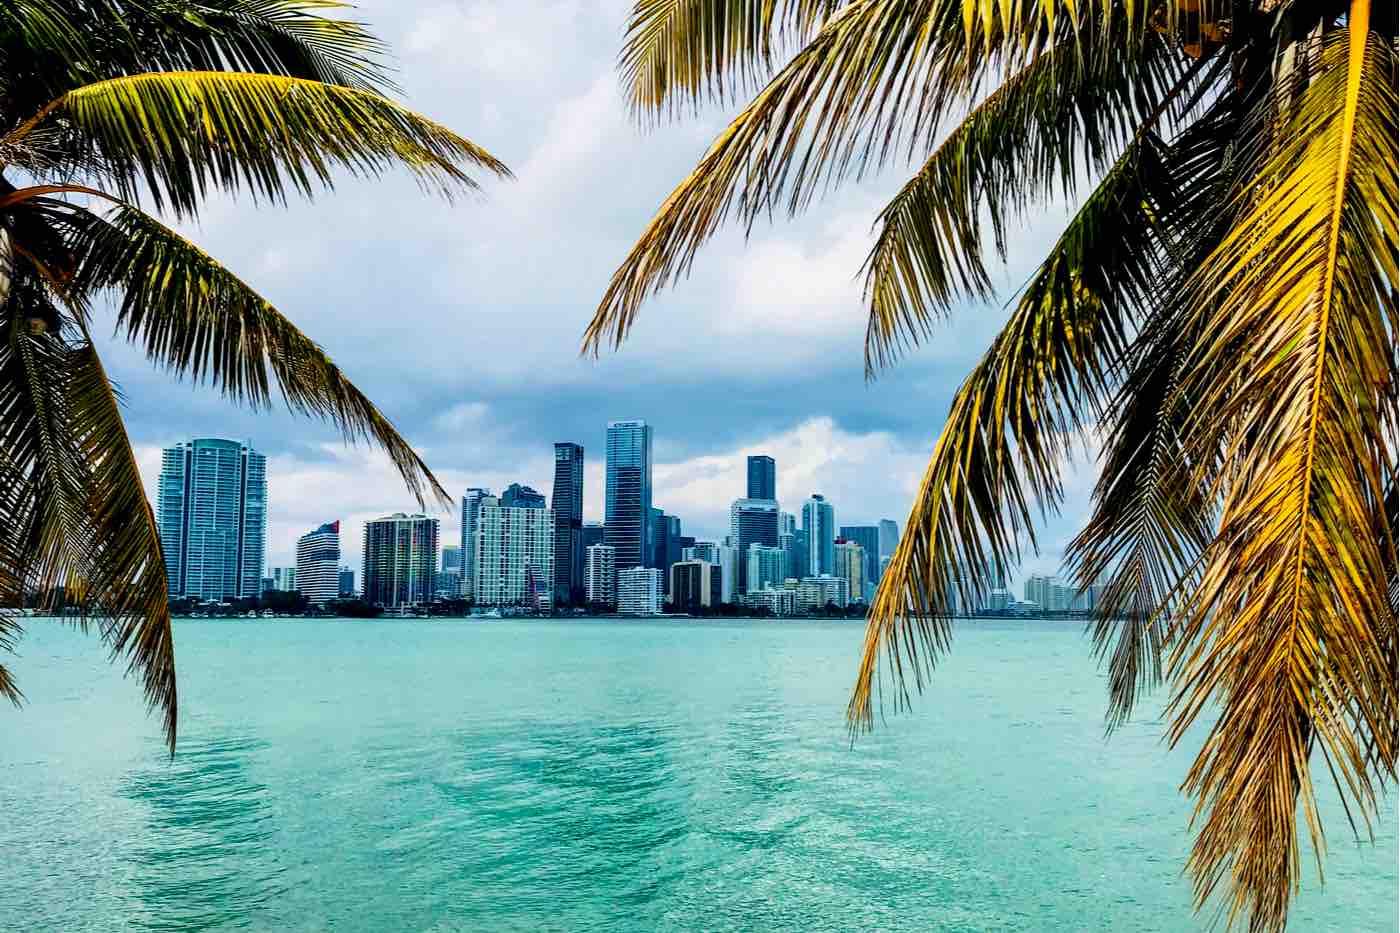 El sur de Florida se está convirtiendo en el peor lugar de Estados Unidos para alquilar una vivienda